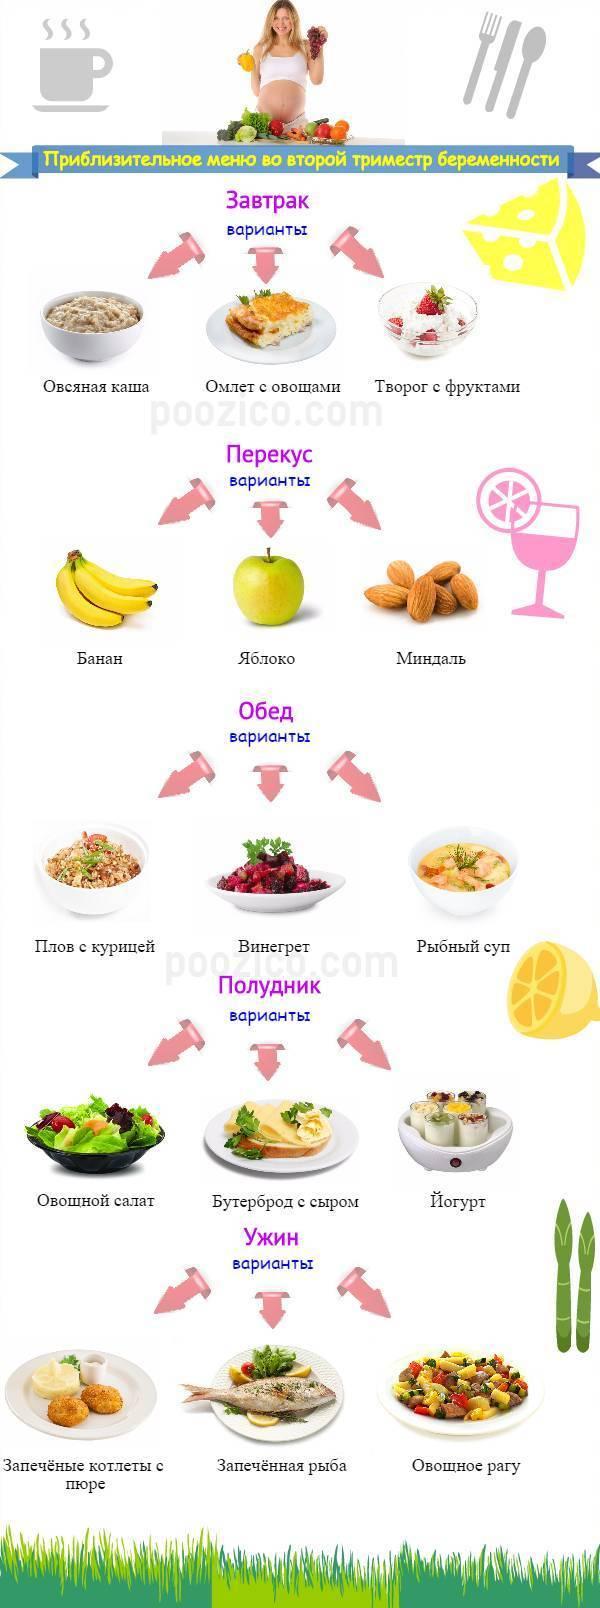 Какие продукты нельзя есть беременным?